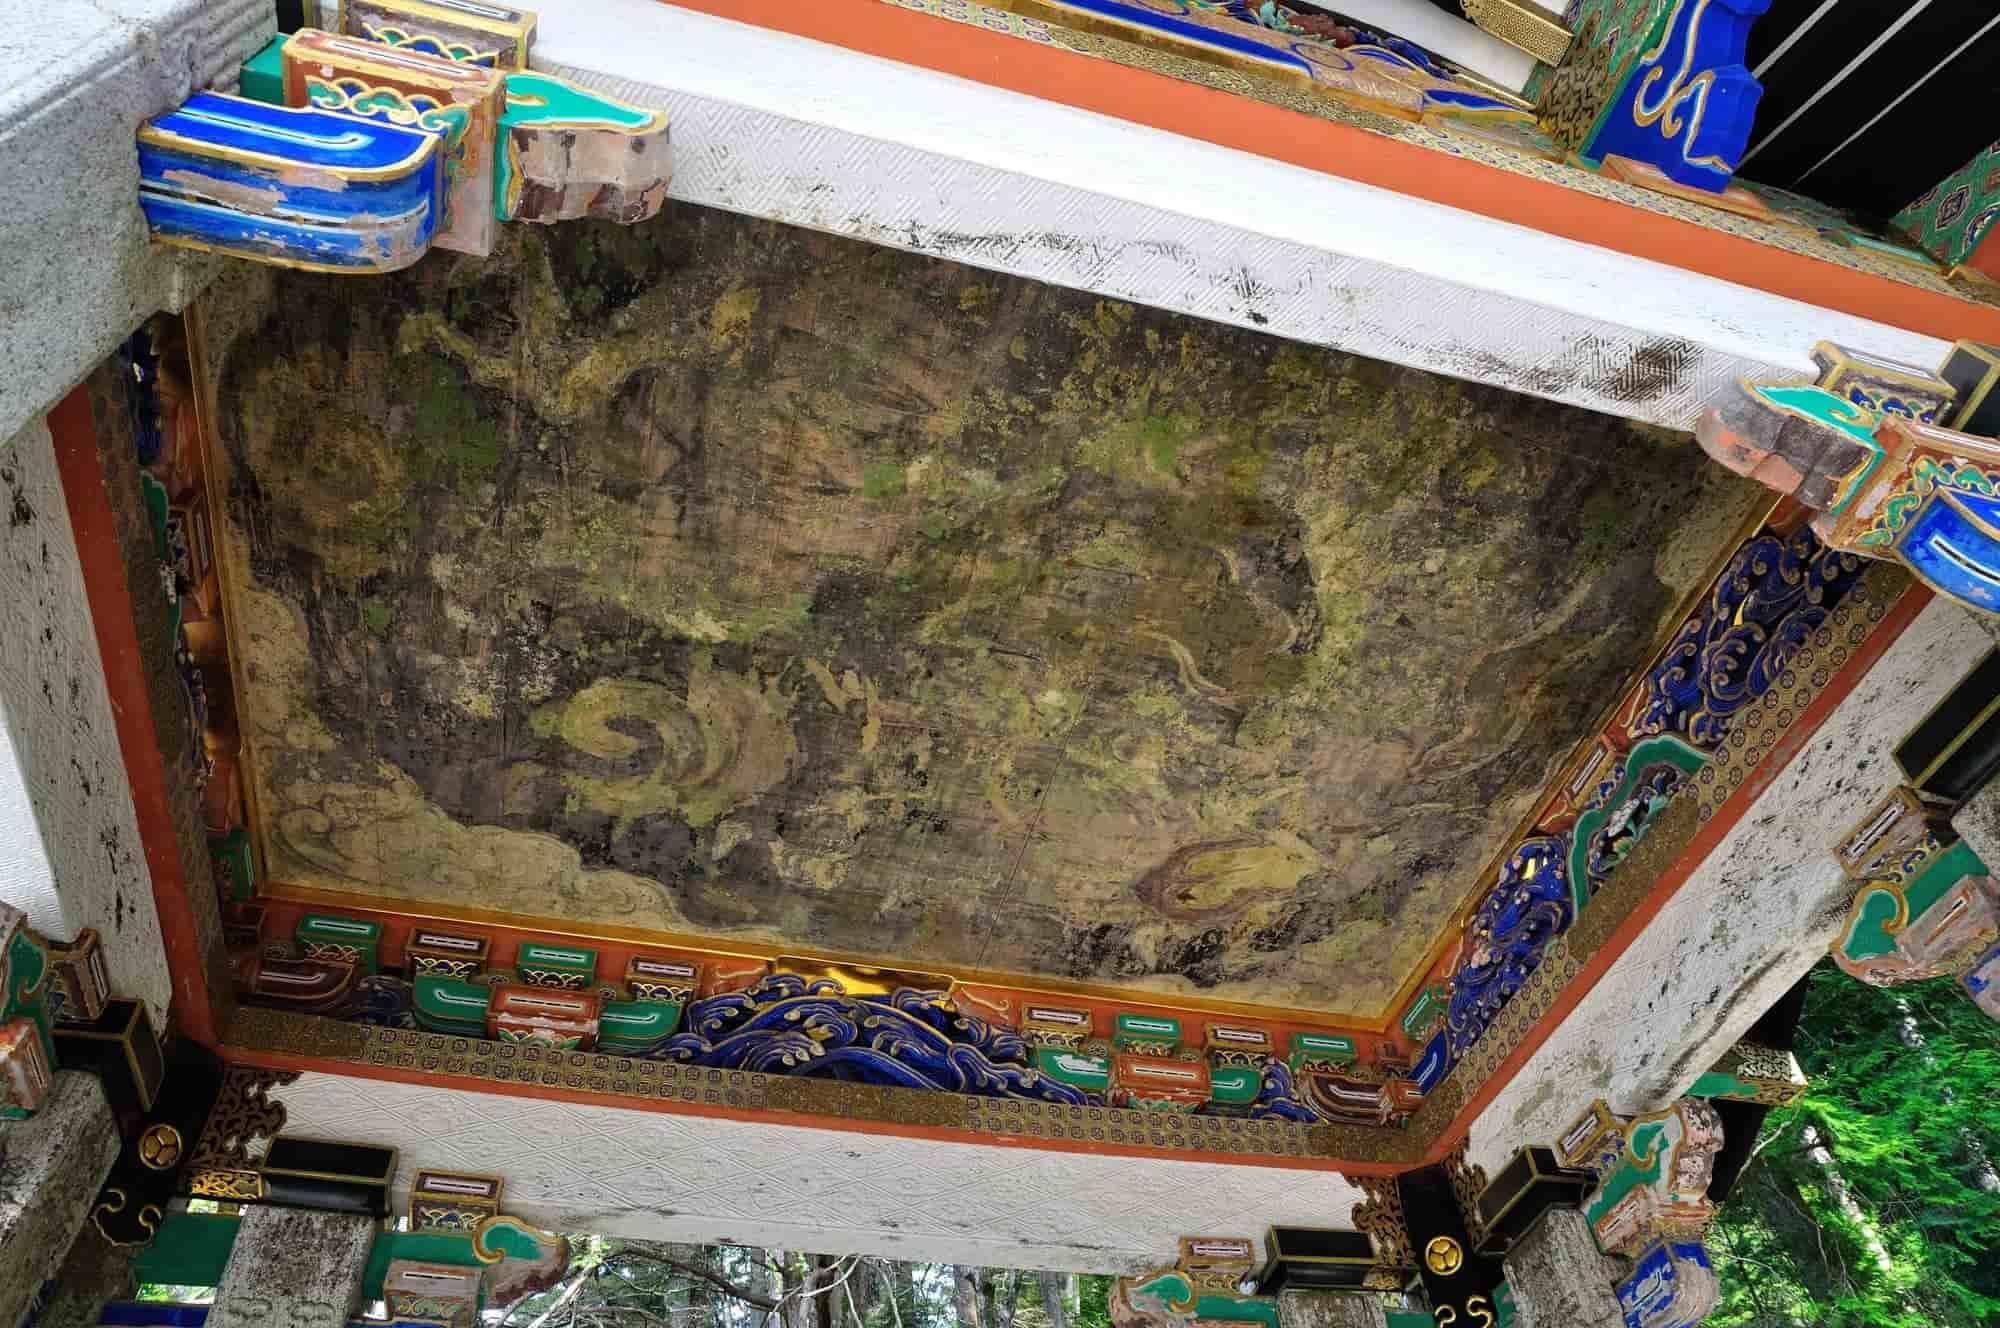 Nakiryu of the Nikko Toshogu Shrine